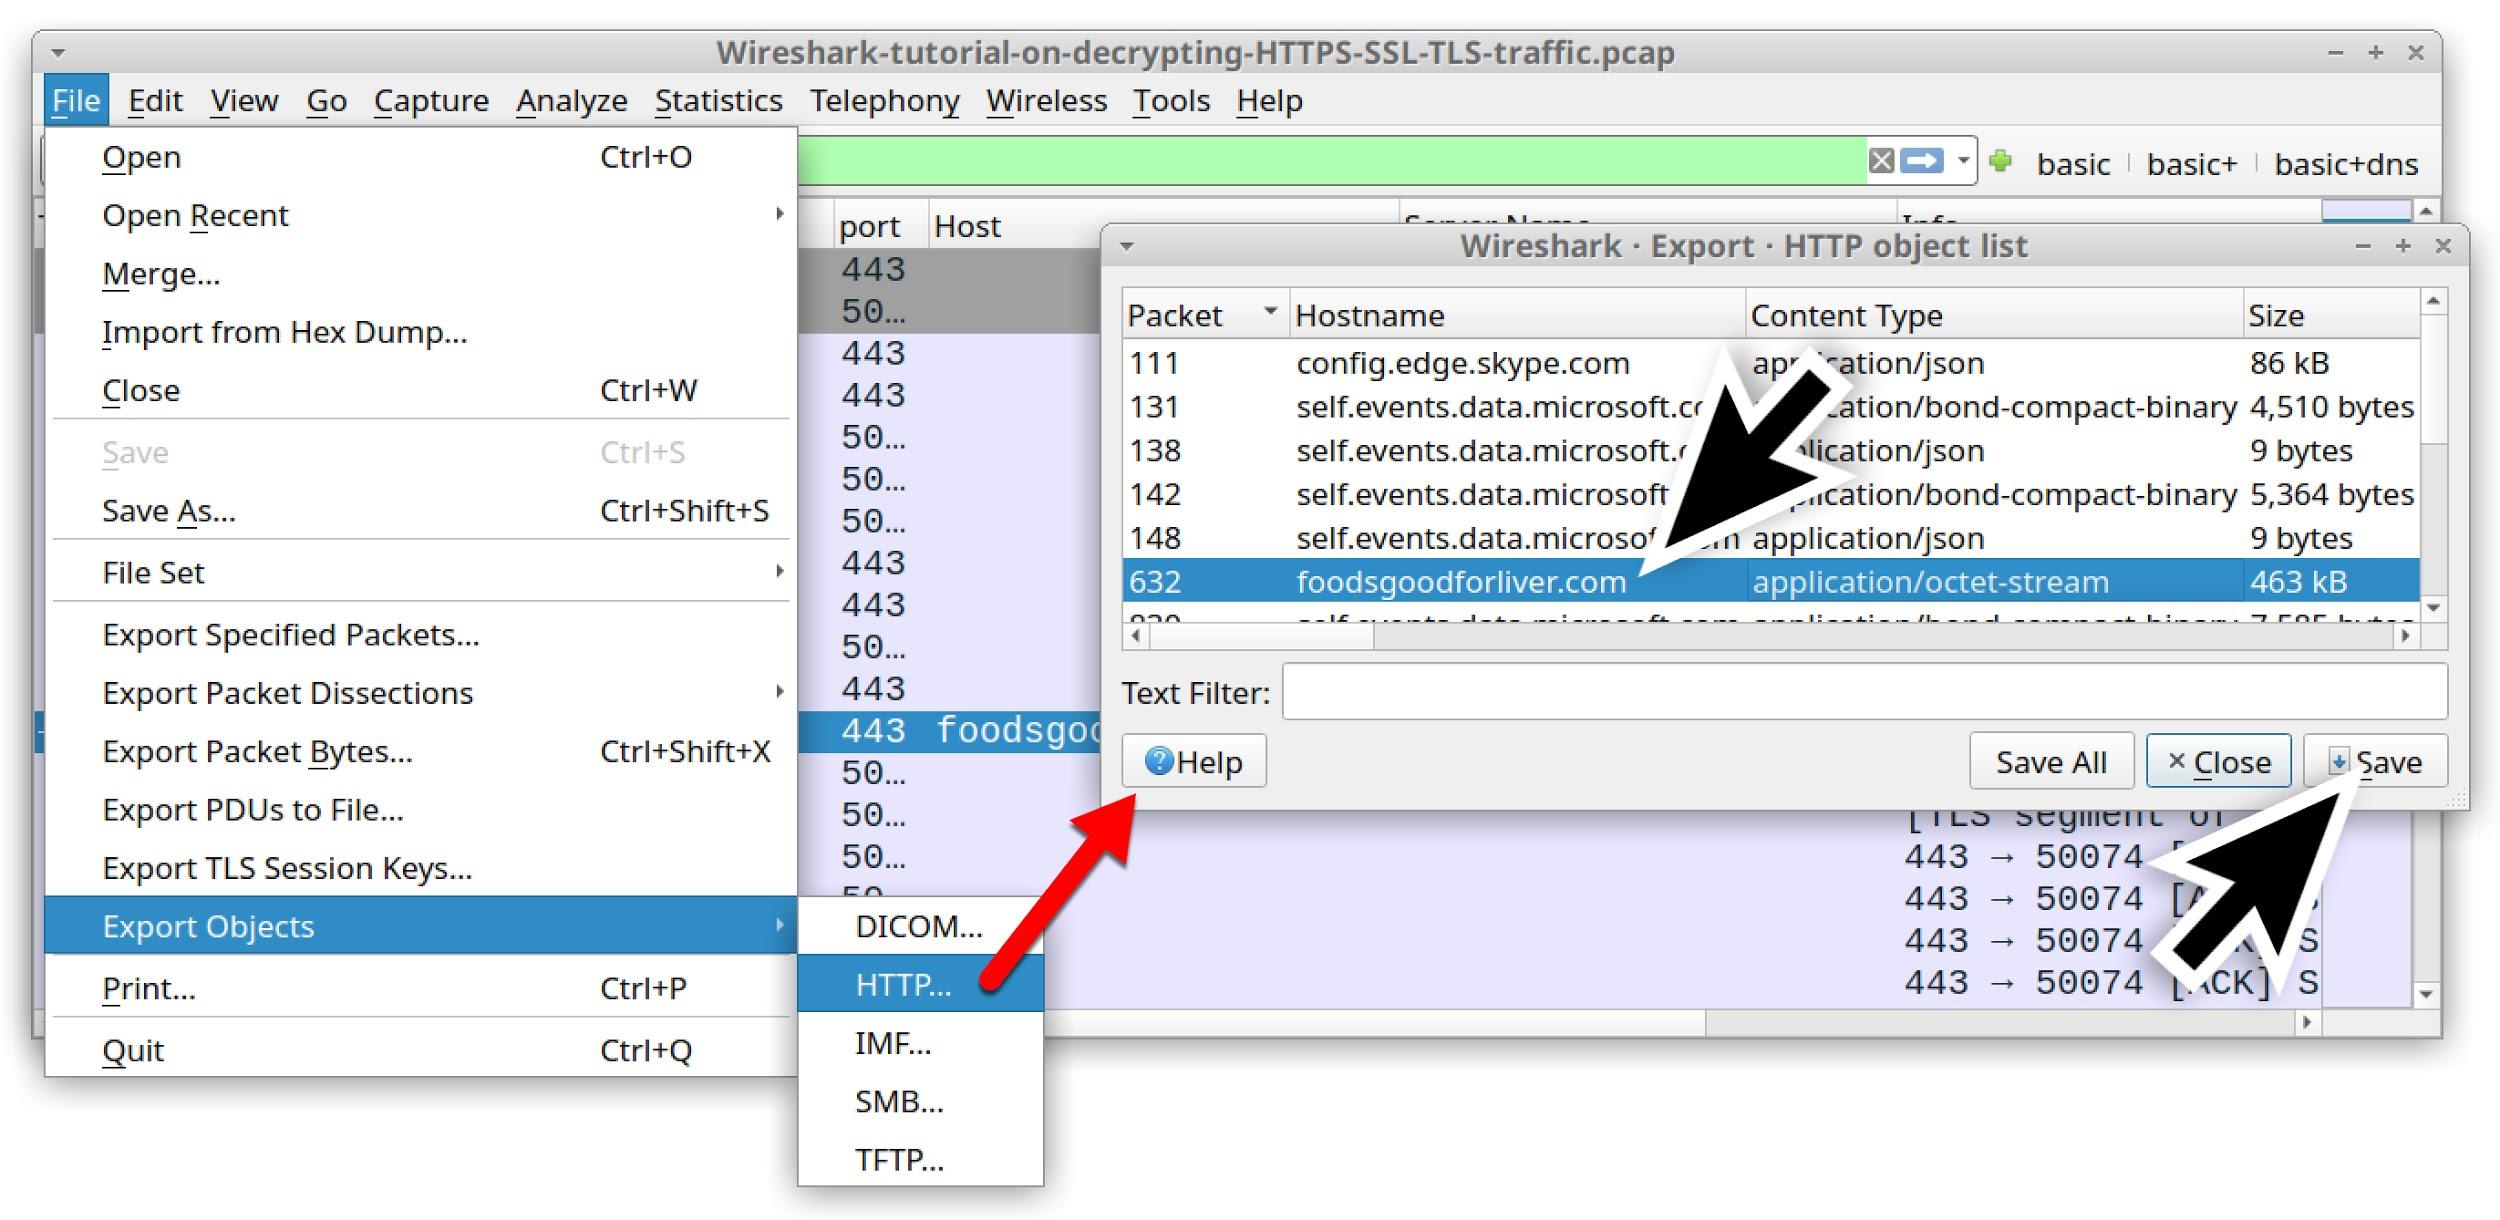 Wireshark-tutorial-on-decrypting-HTTPS-SSL-TLS-traffic.pcap のスクリーンショット。HTTPSトラフィックを復号化する今回のチュートリアル用マルウェア バイナリを一連の手順でエクスポートしているところ